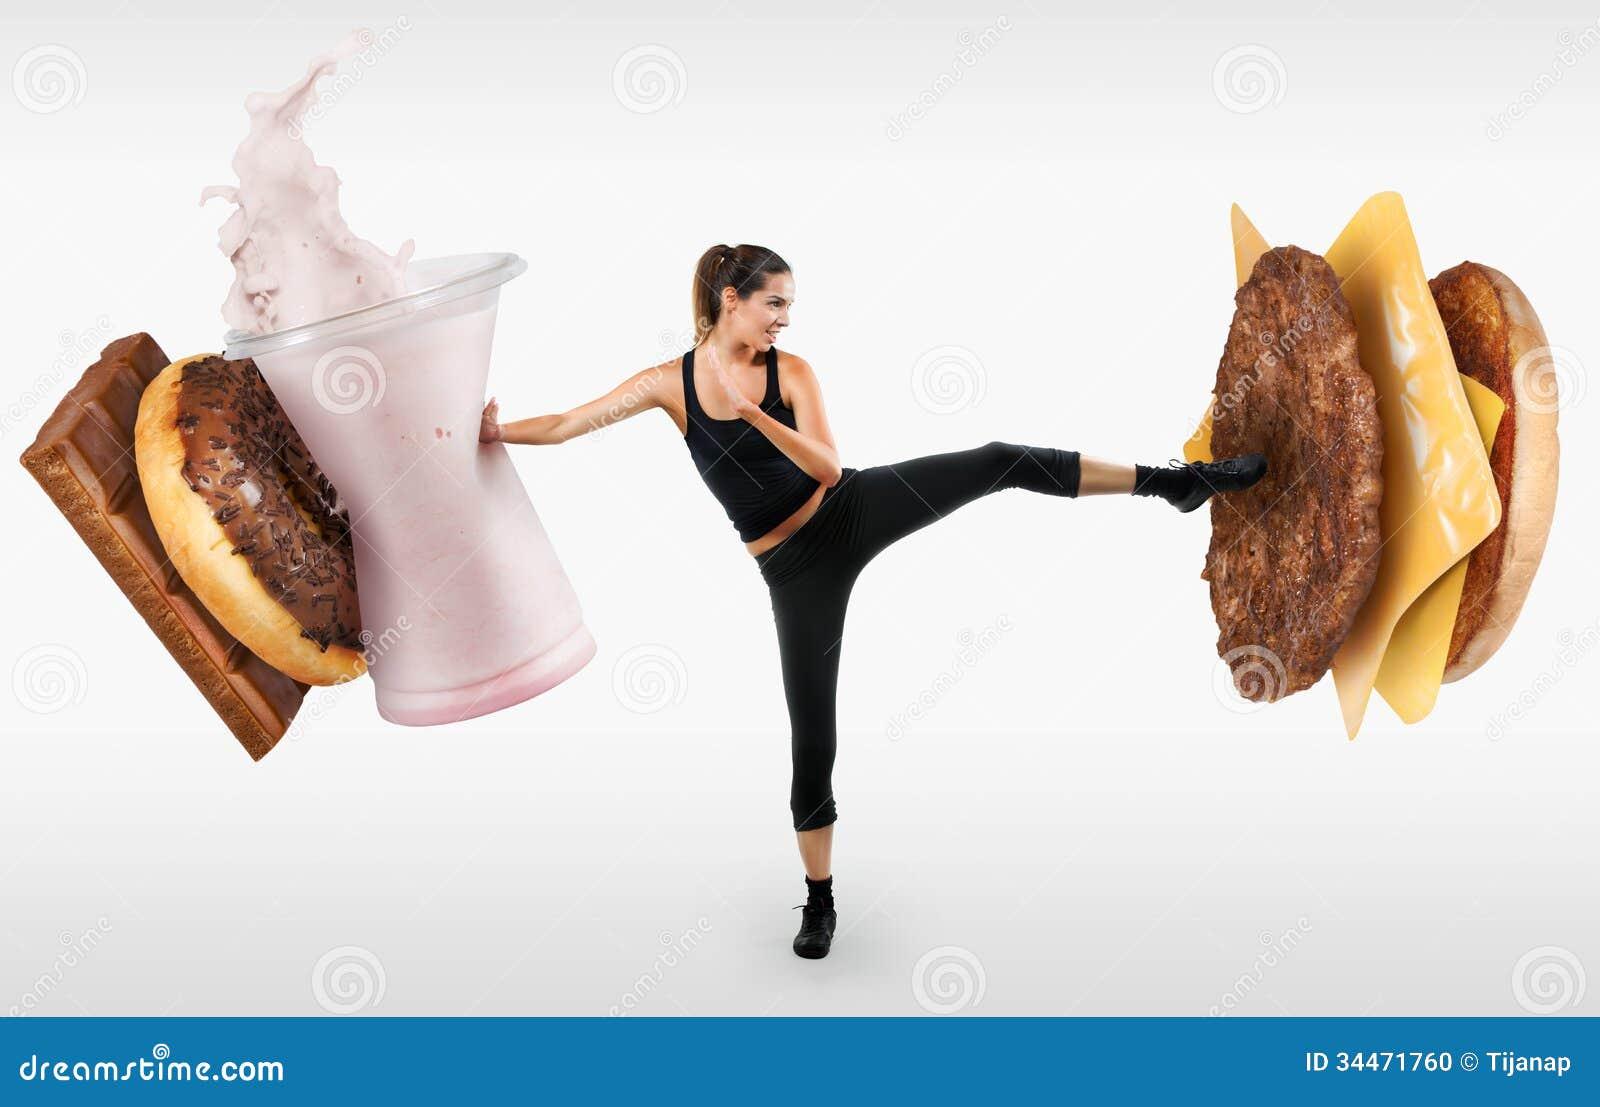 Mujer joven apta que lucha apagado los alimentos de preparación rápida